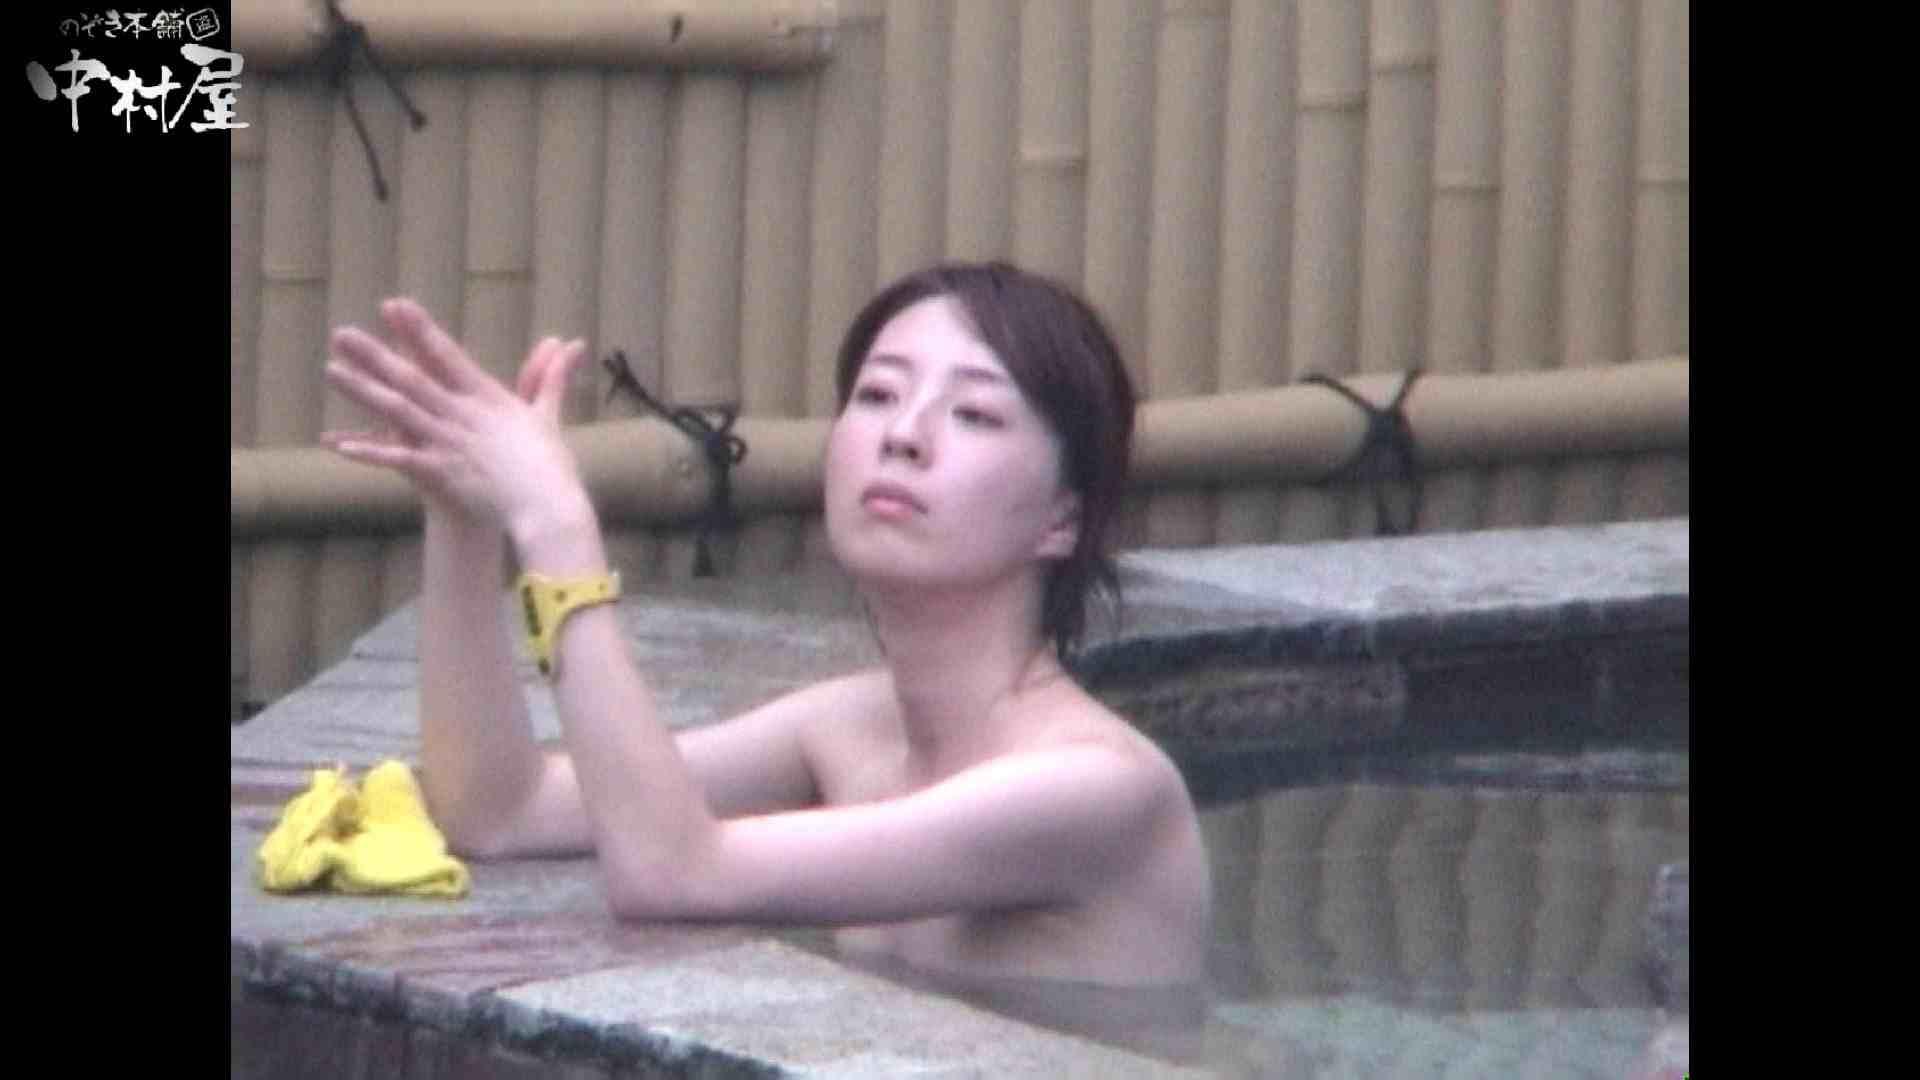 Aquaな露天風呂Vol.964 美しいOLの裸体   盗撮師作品  104pic 37